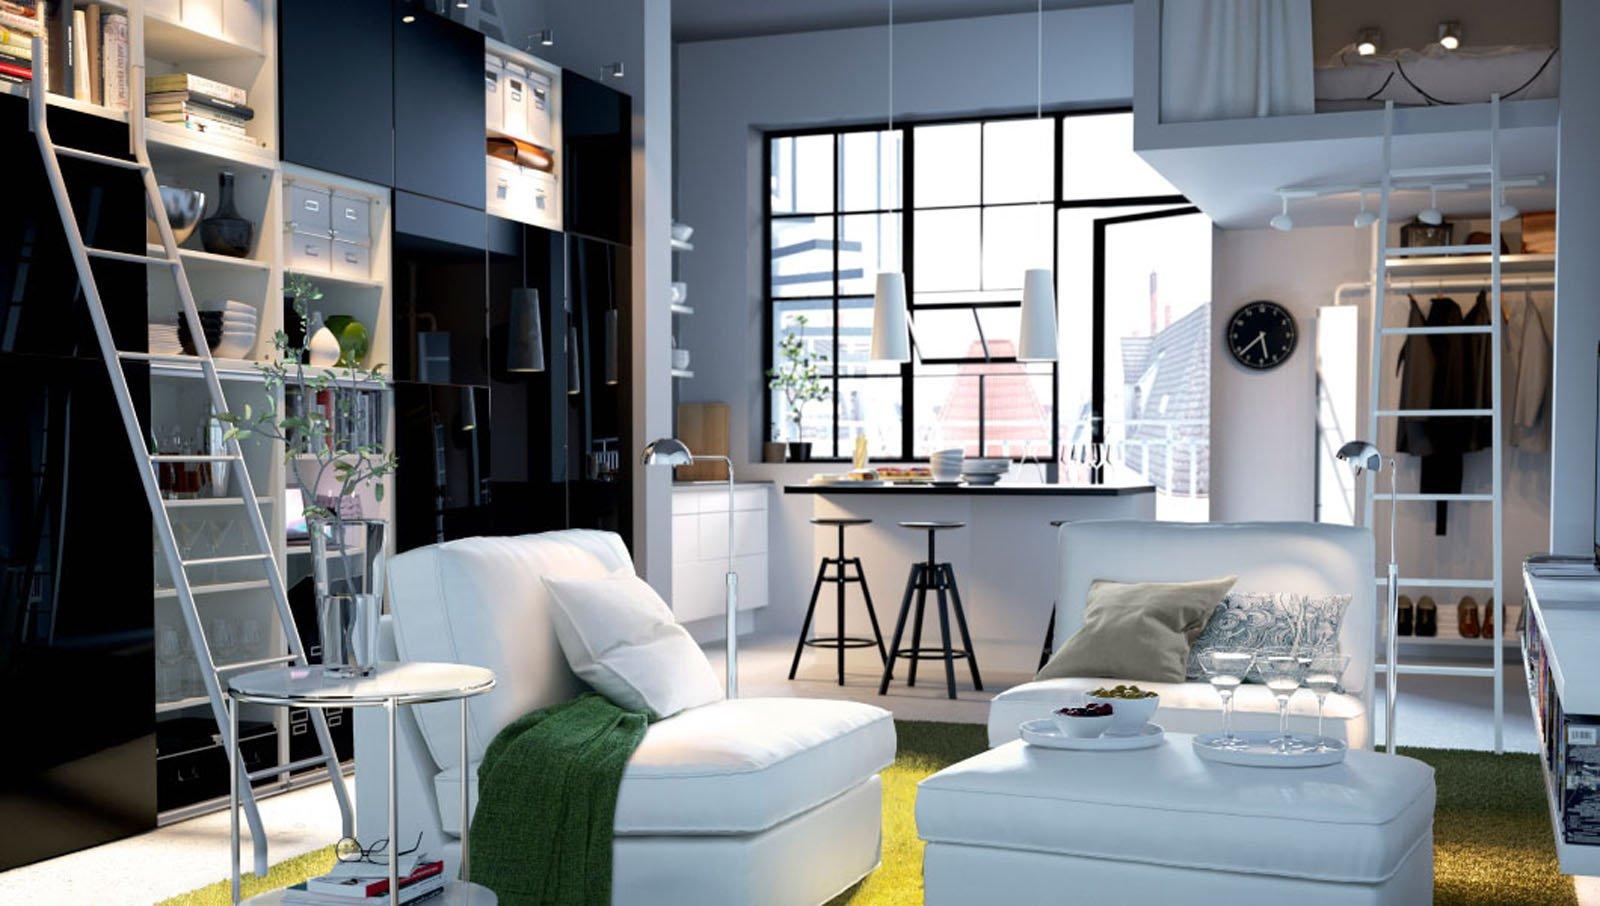 Detrazione fiscale mobili amazing i mobili per nel bonus - Sgravi fiscali acquisto mobili ...